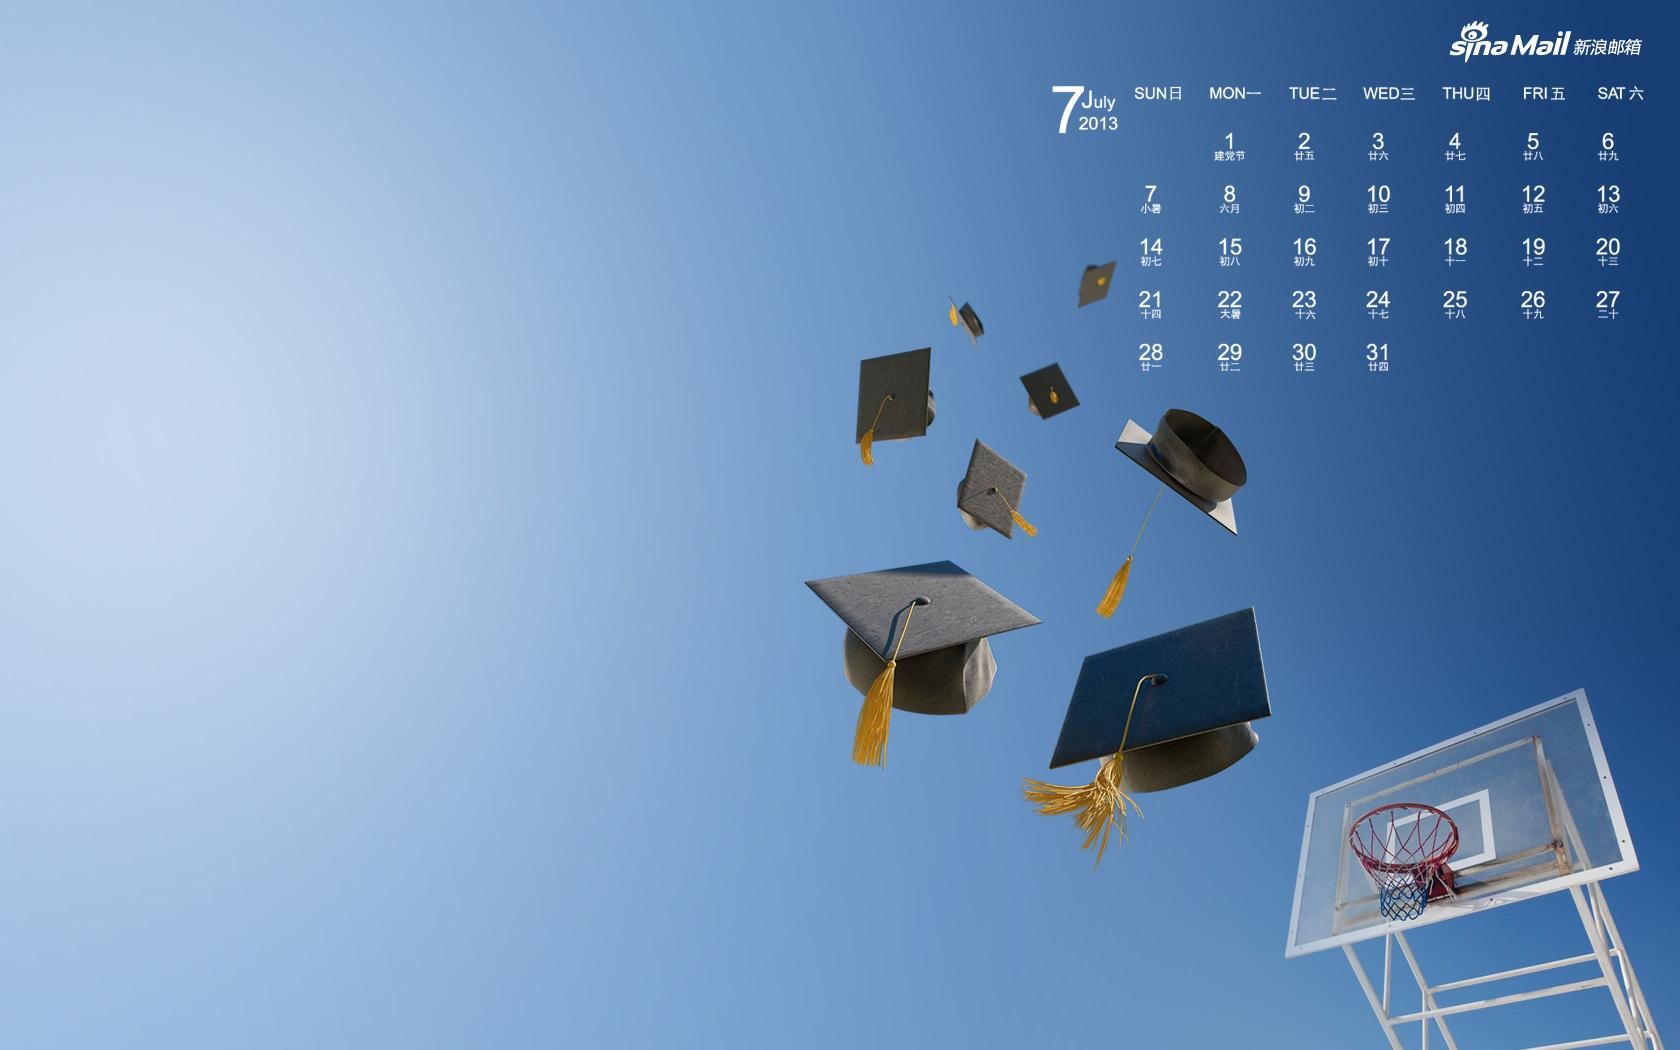 2013年07月壁纸下载--毕业季